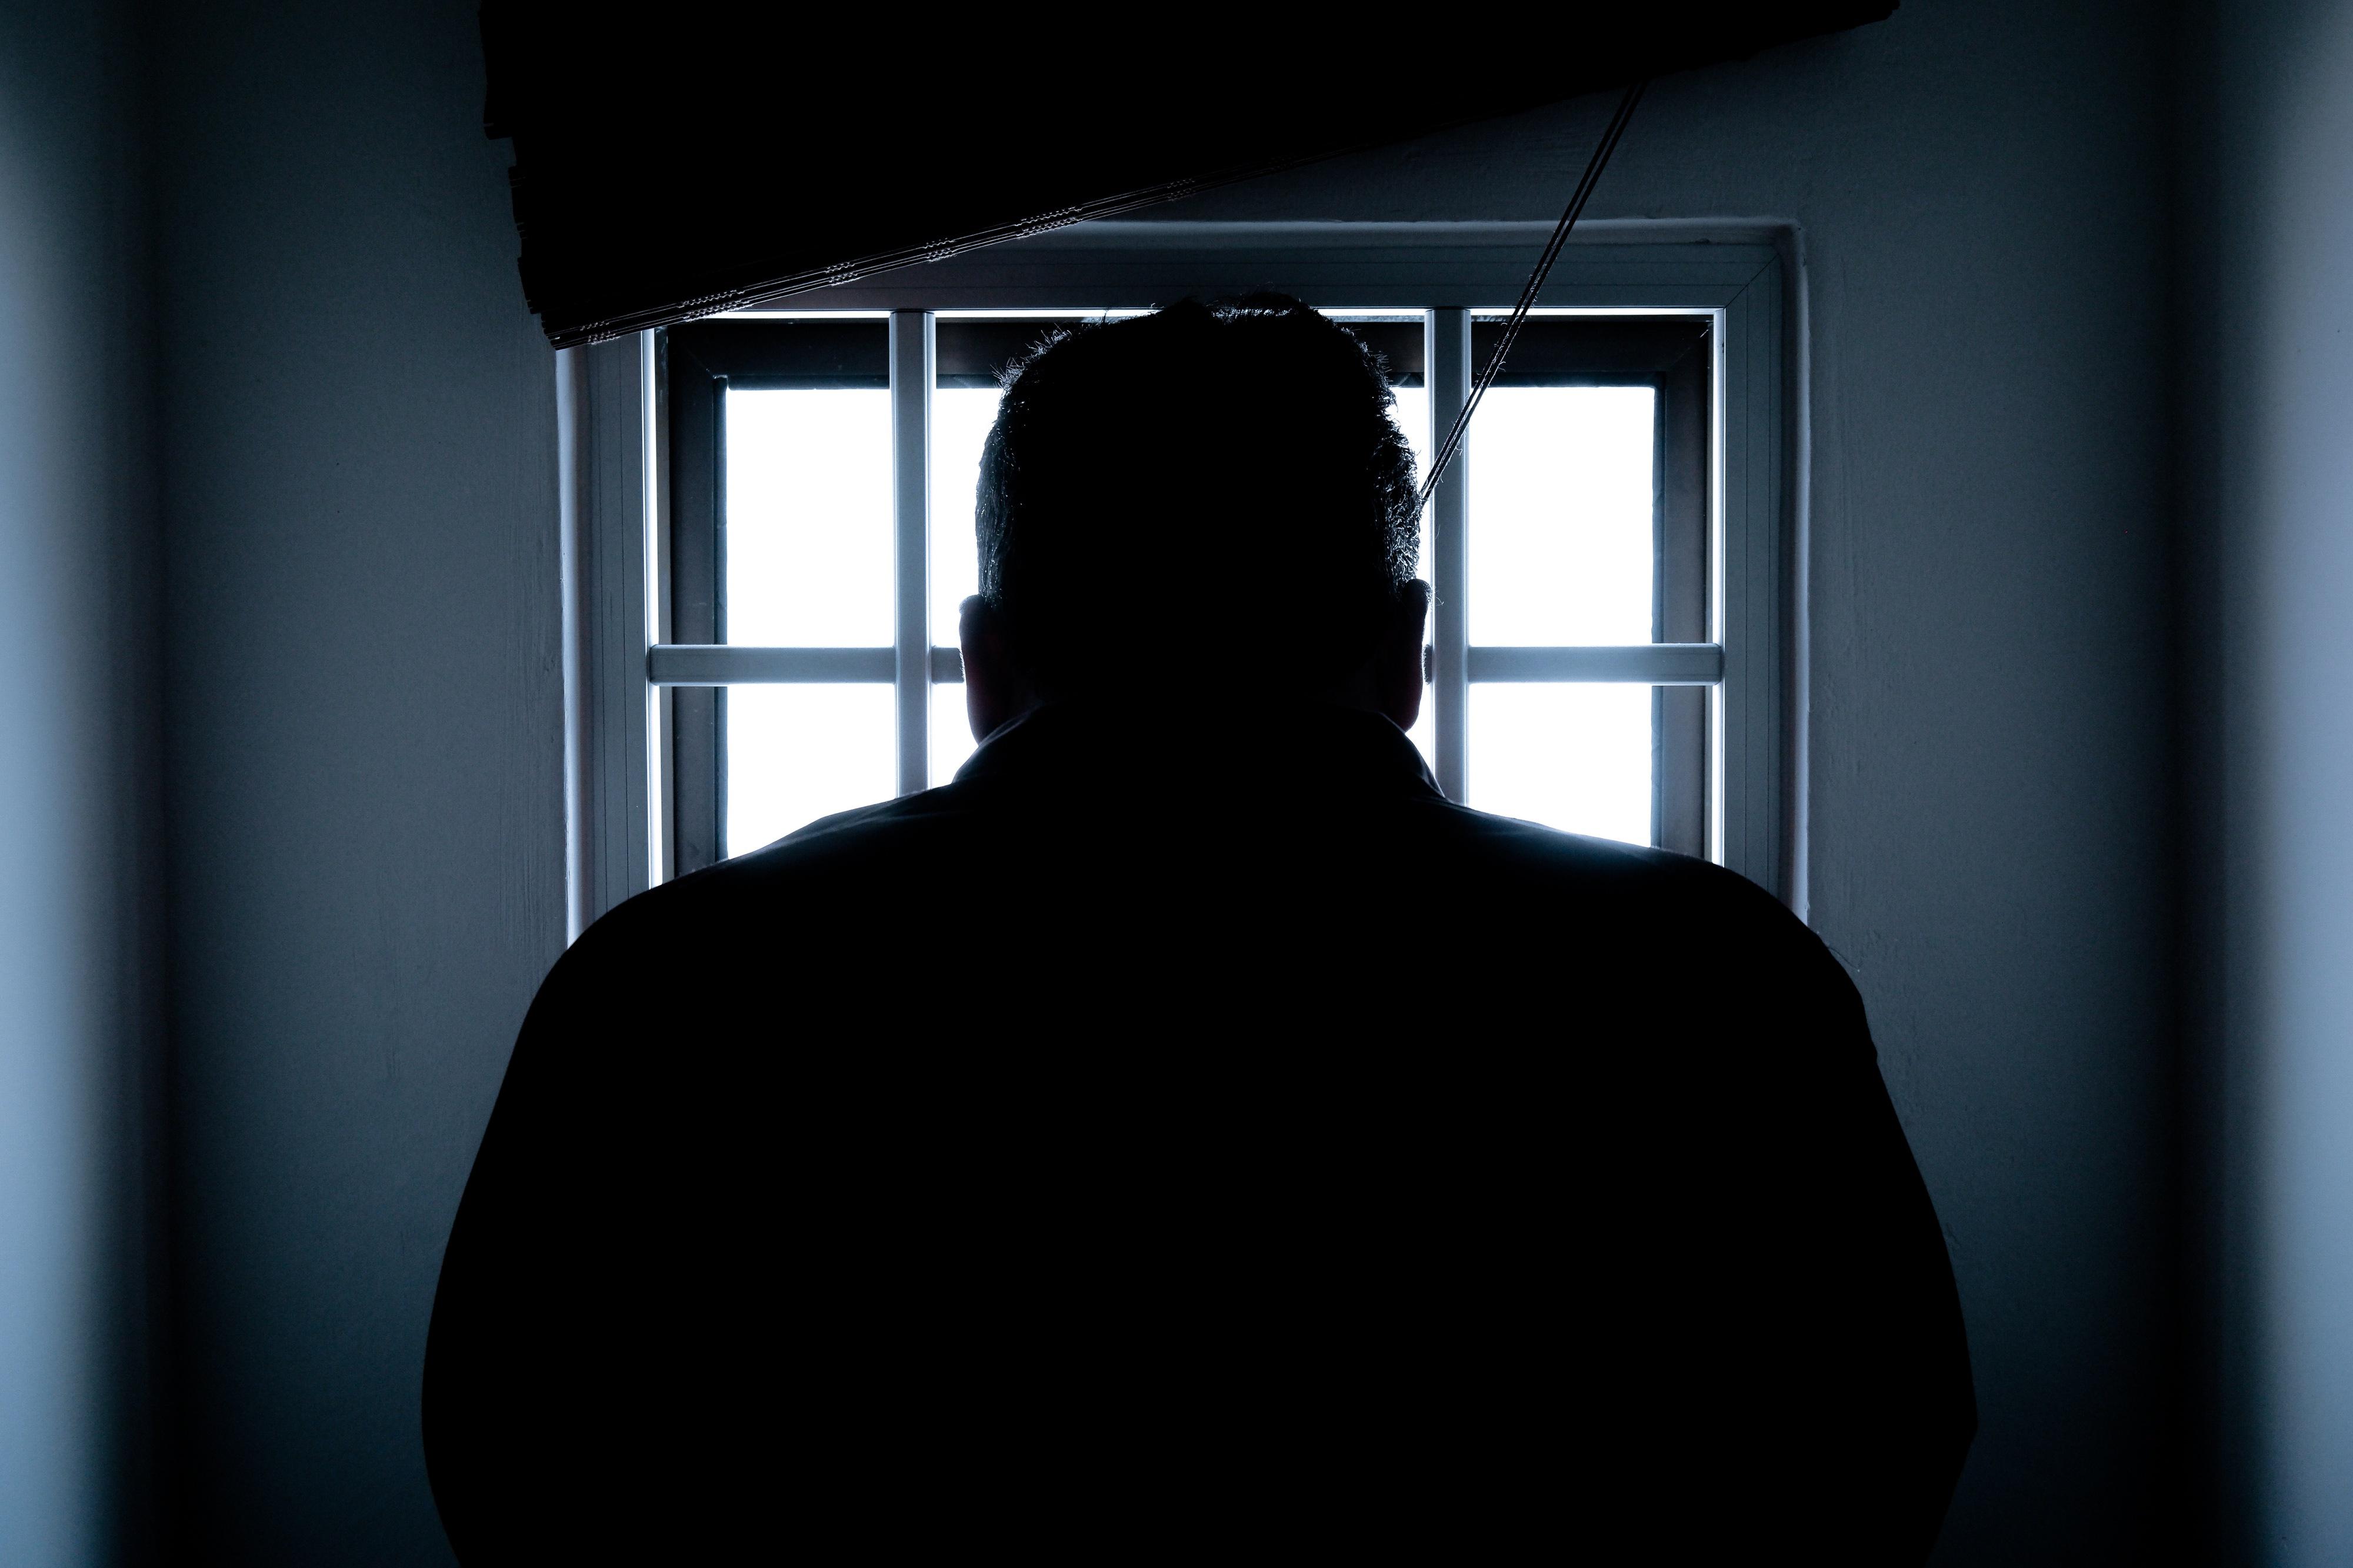 Homem privado de água morreu desidratado numa prisão dos Estados Unidos